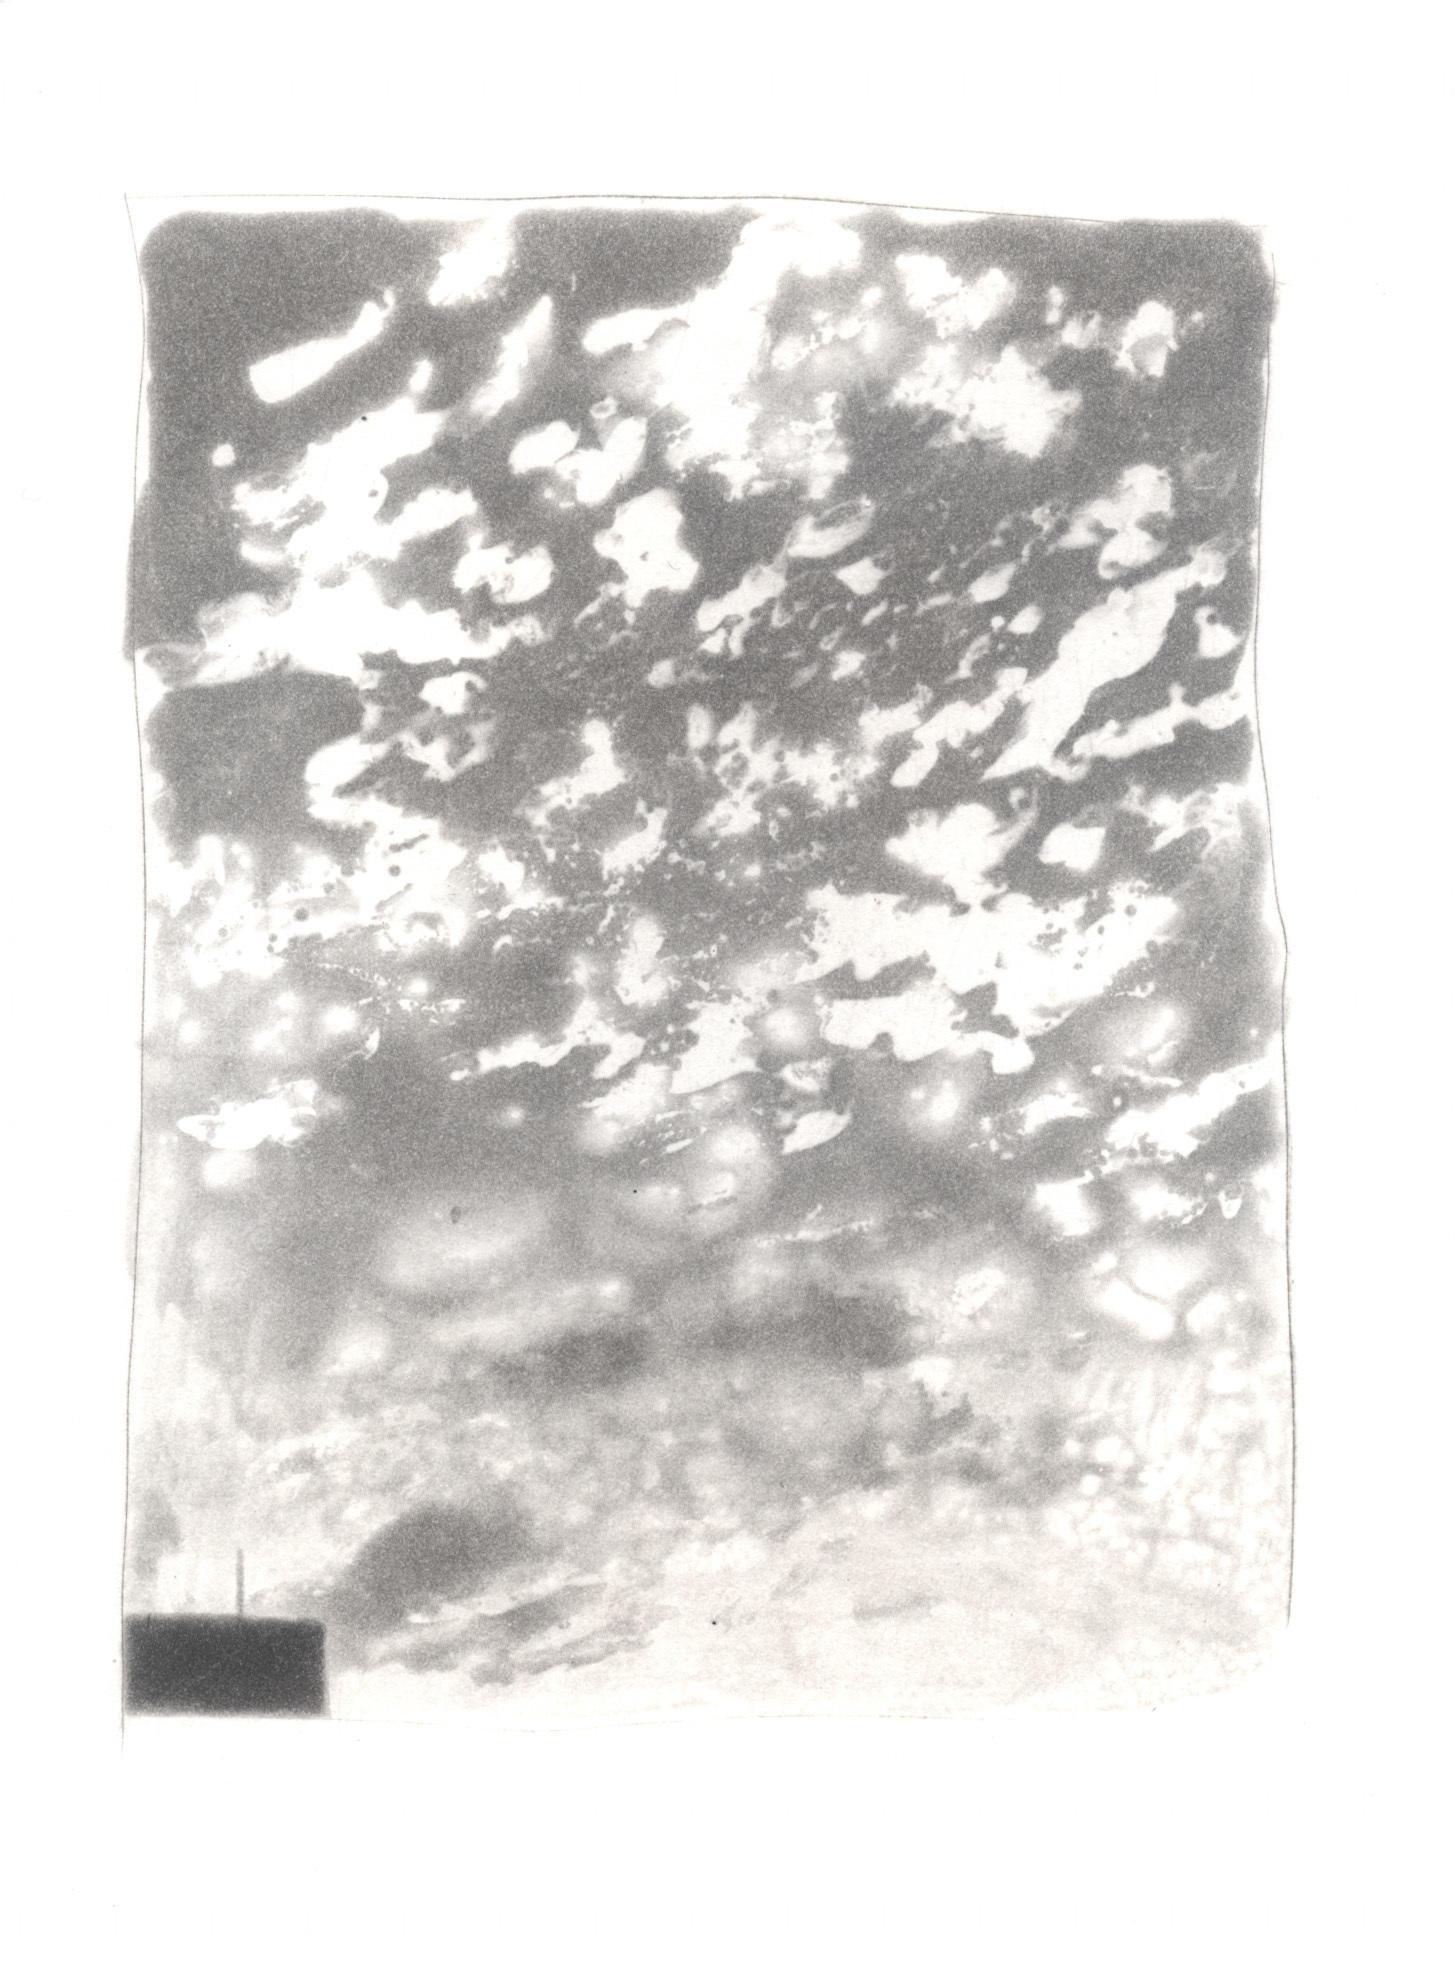 II. Sky image